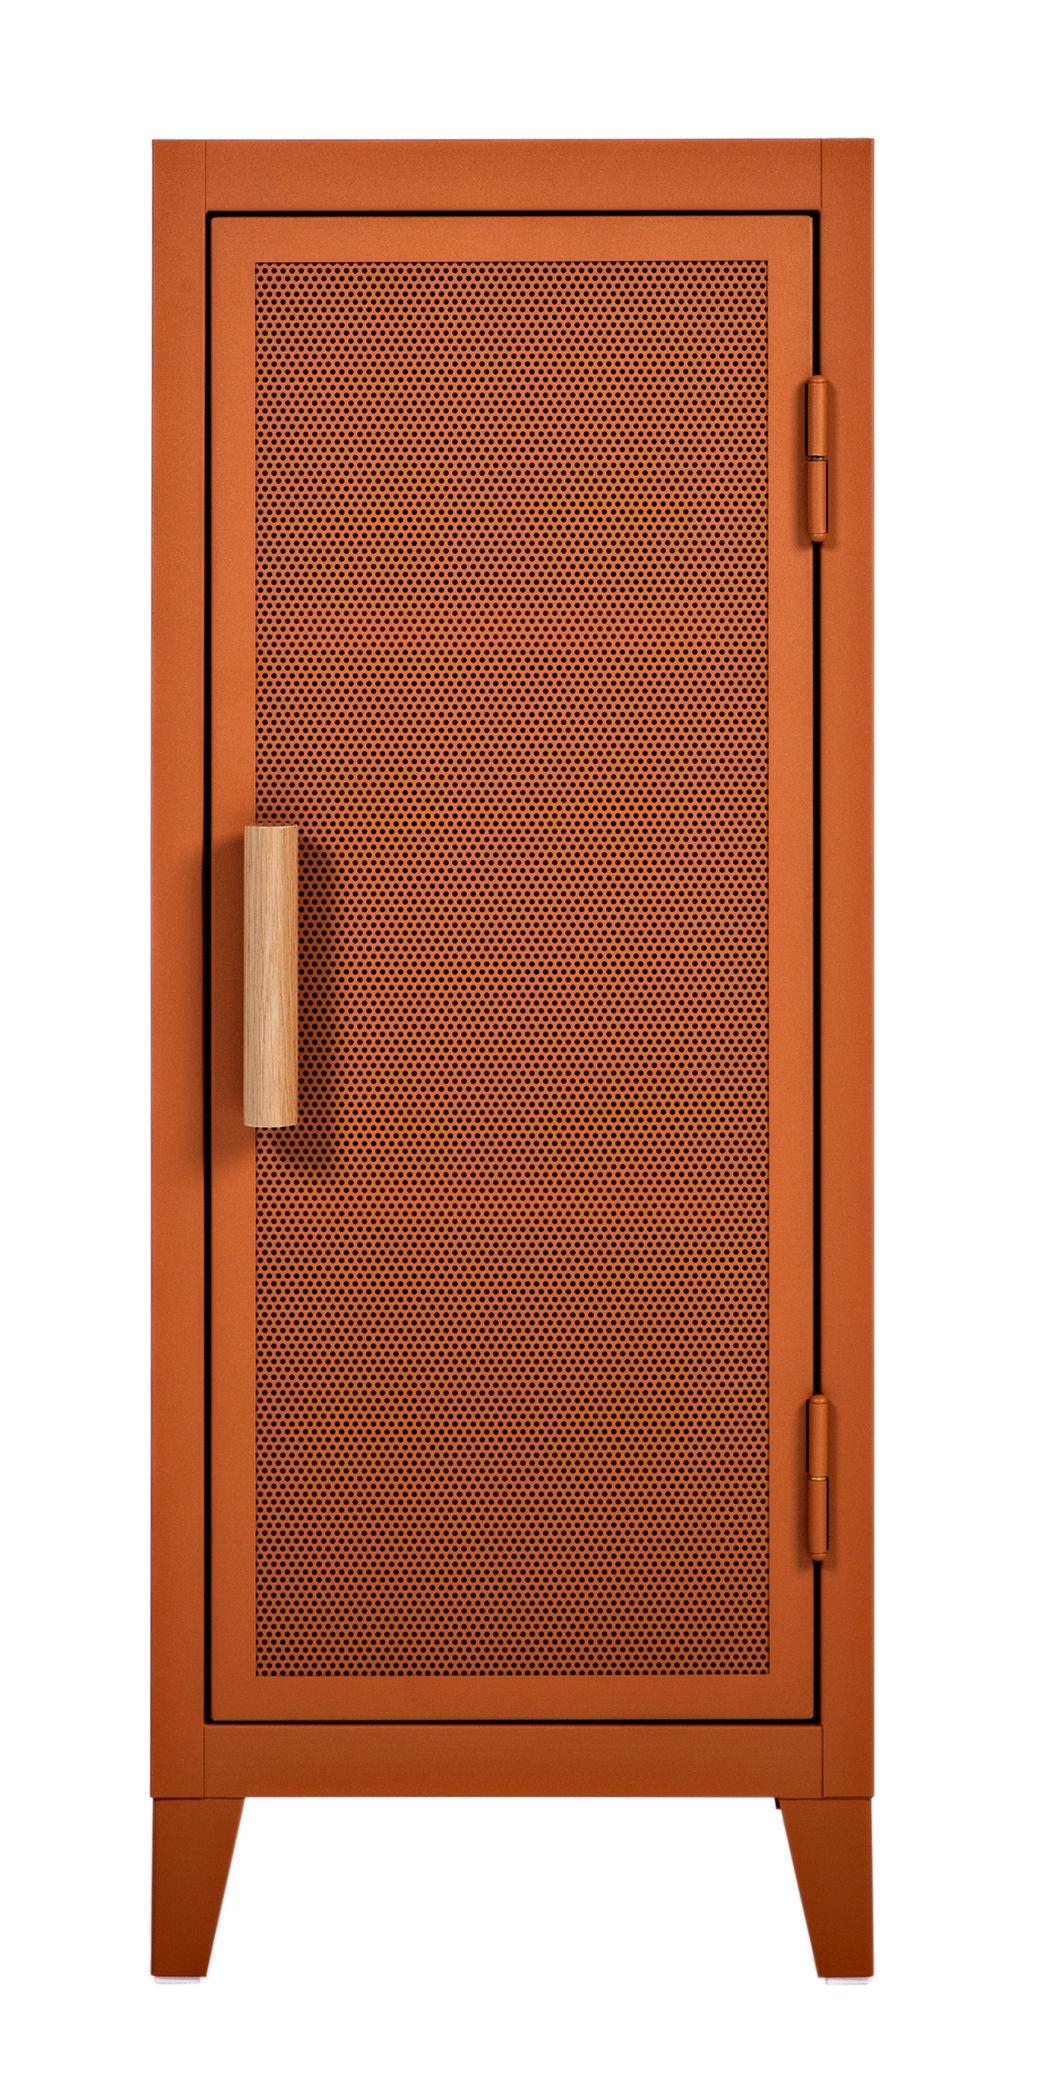 rangement vestiaire bas 1 porte acier perfor bois terracotta poign es ch ne tolix. Black Bedroom Furniture Sets. Home Design Ideas